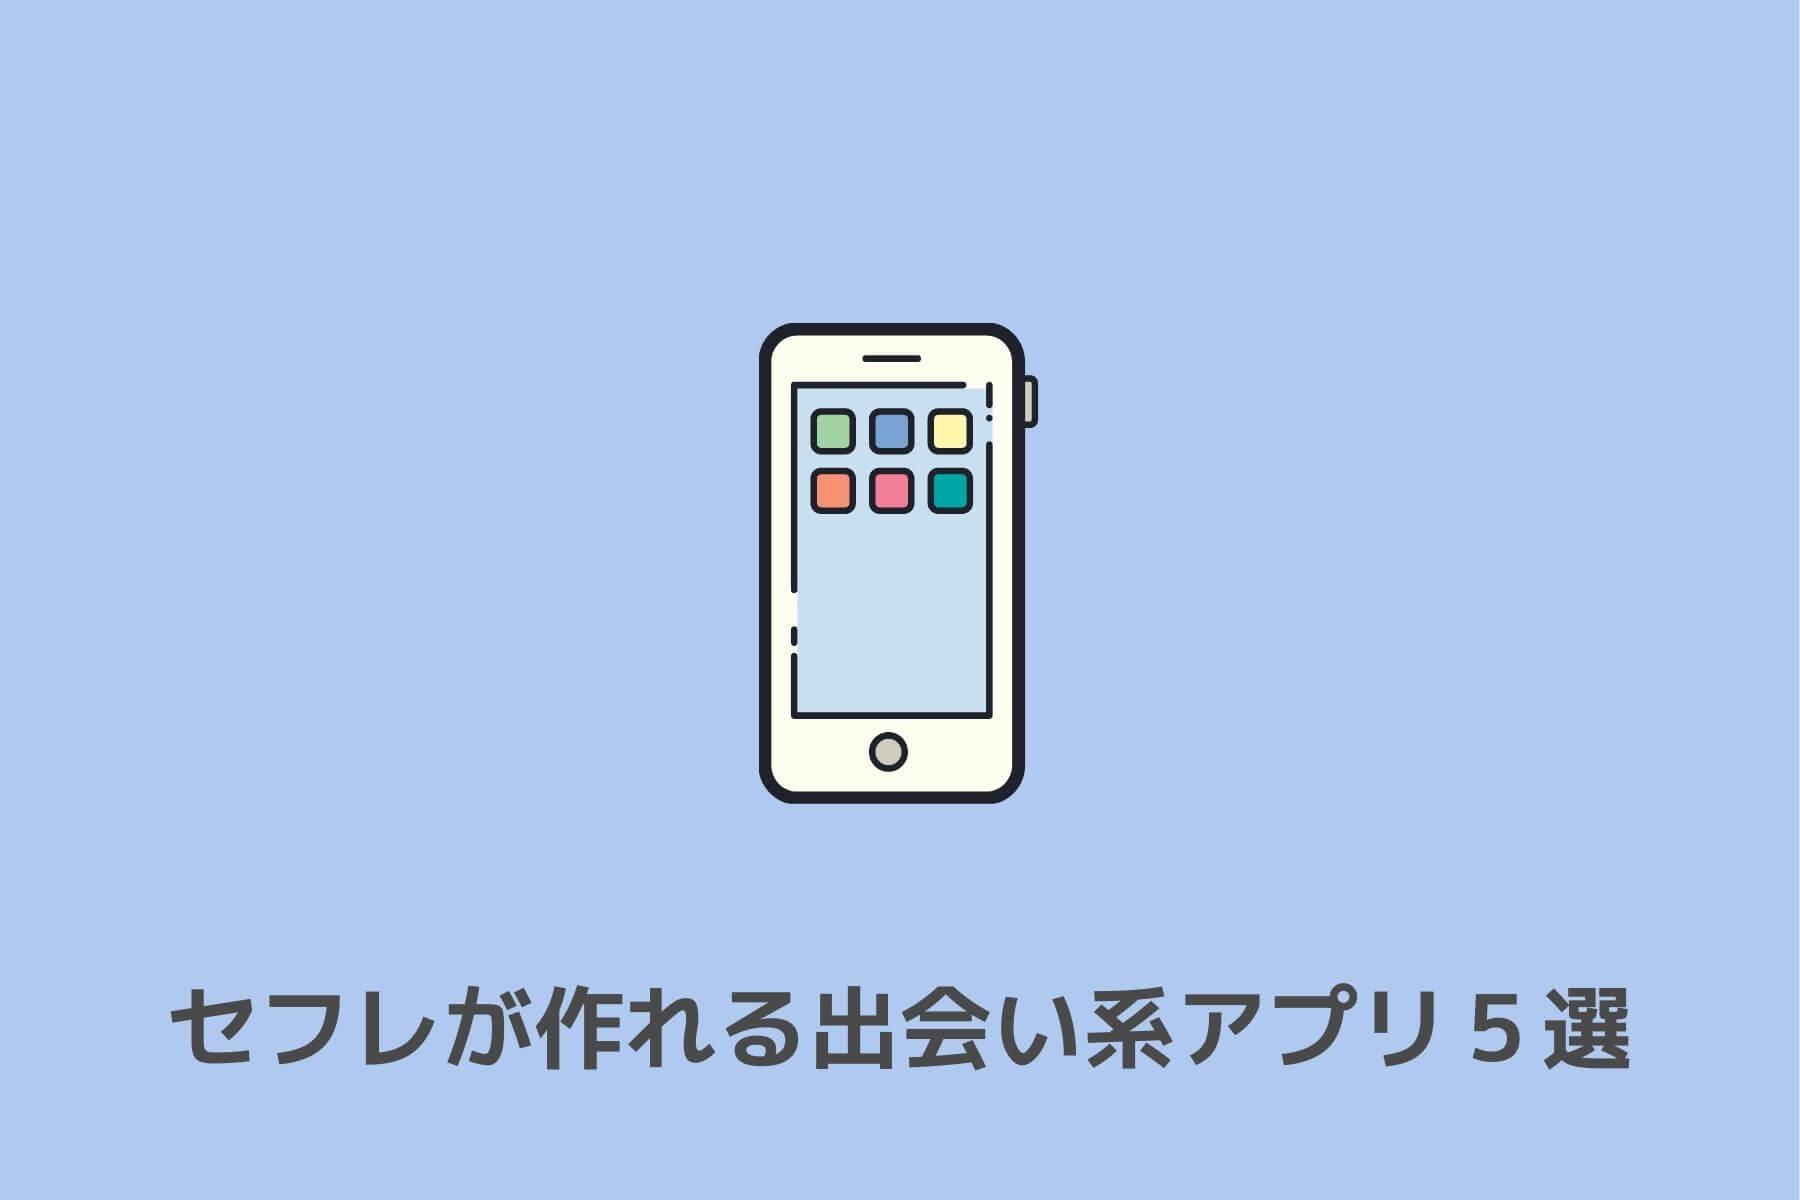 セフレが作れる出会い系アプリ5選